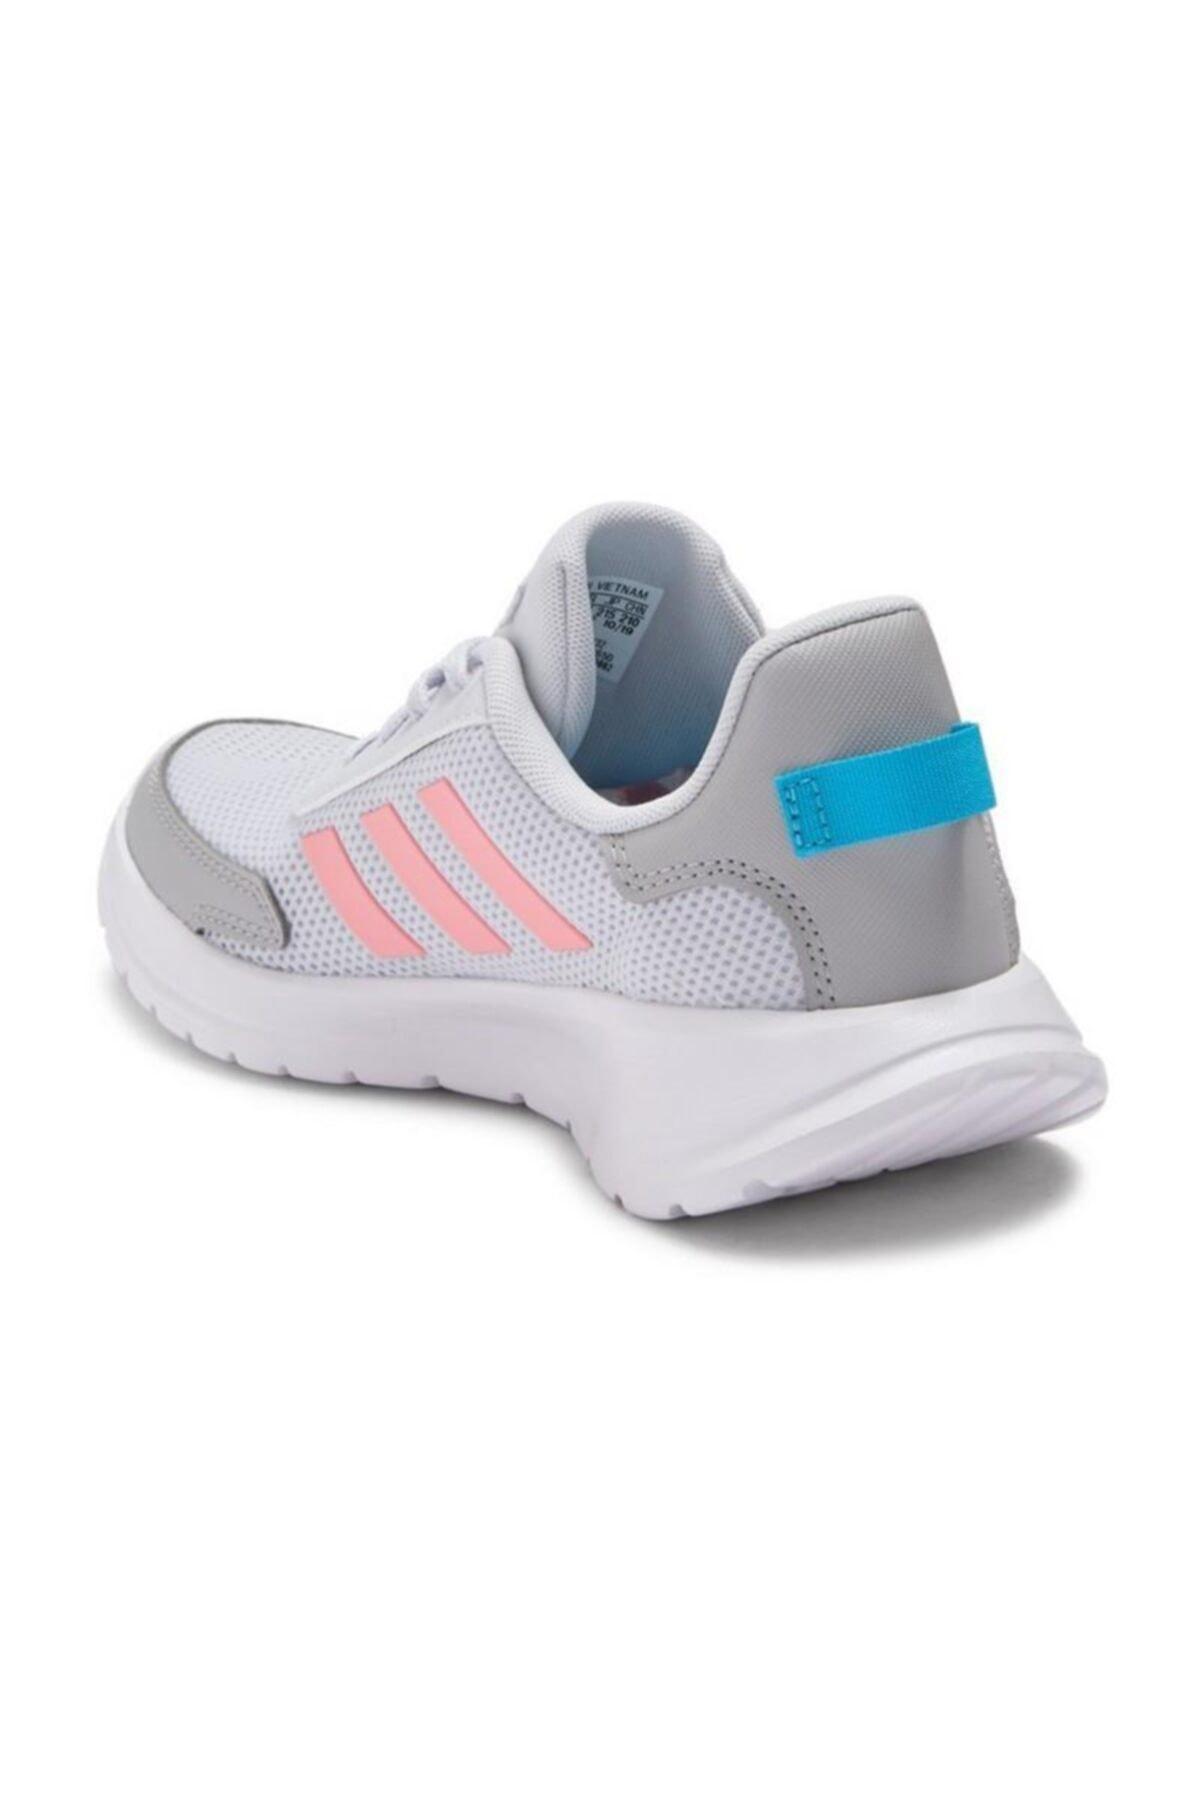 adidas Eg4132 Tensaur Run K Çocuk Koşu Ayakkabı 2